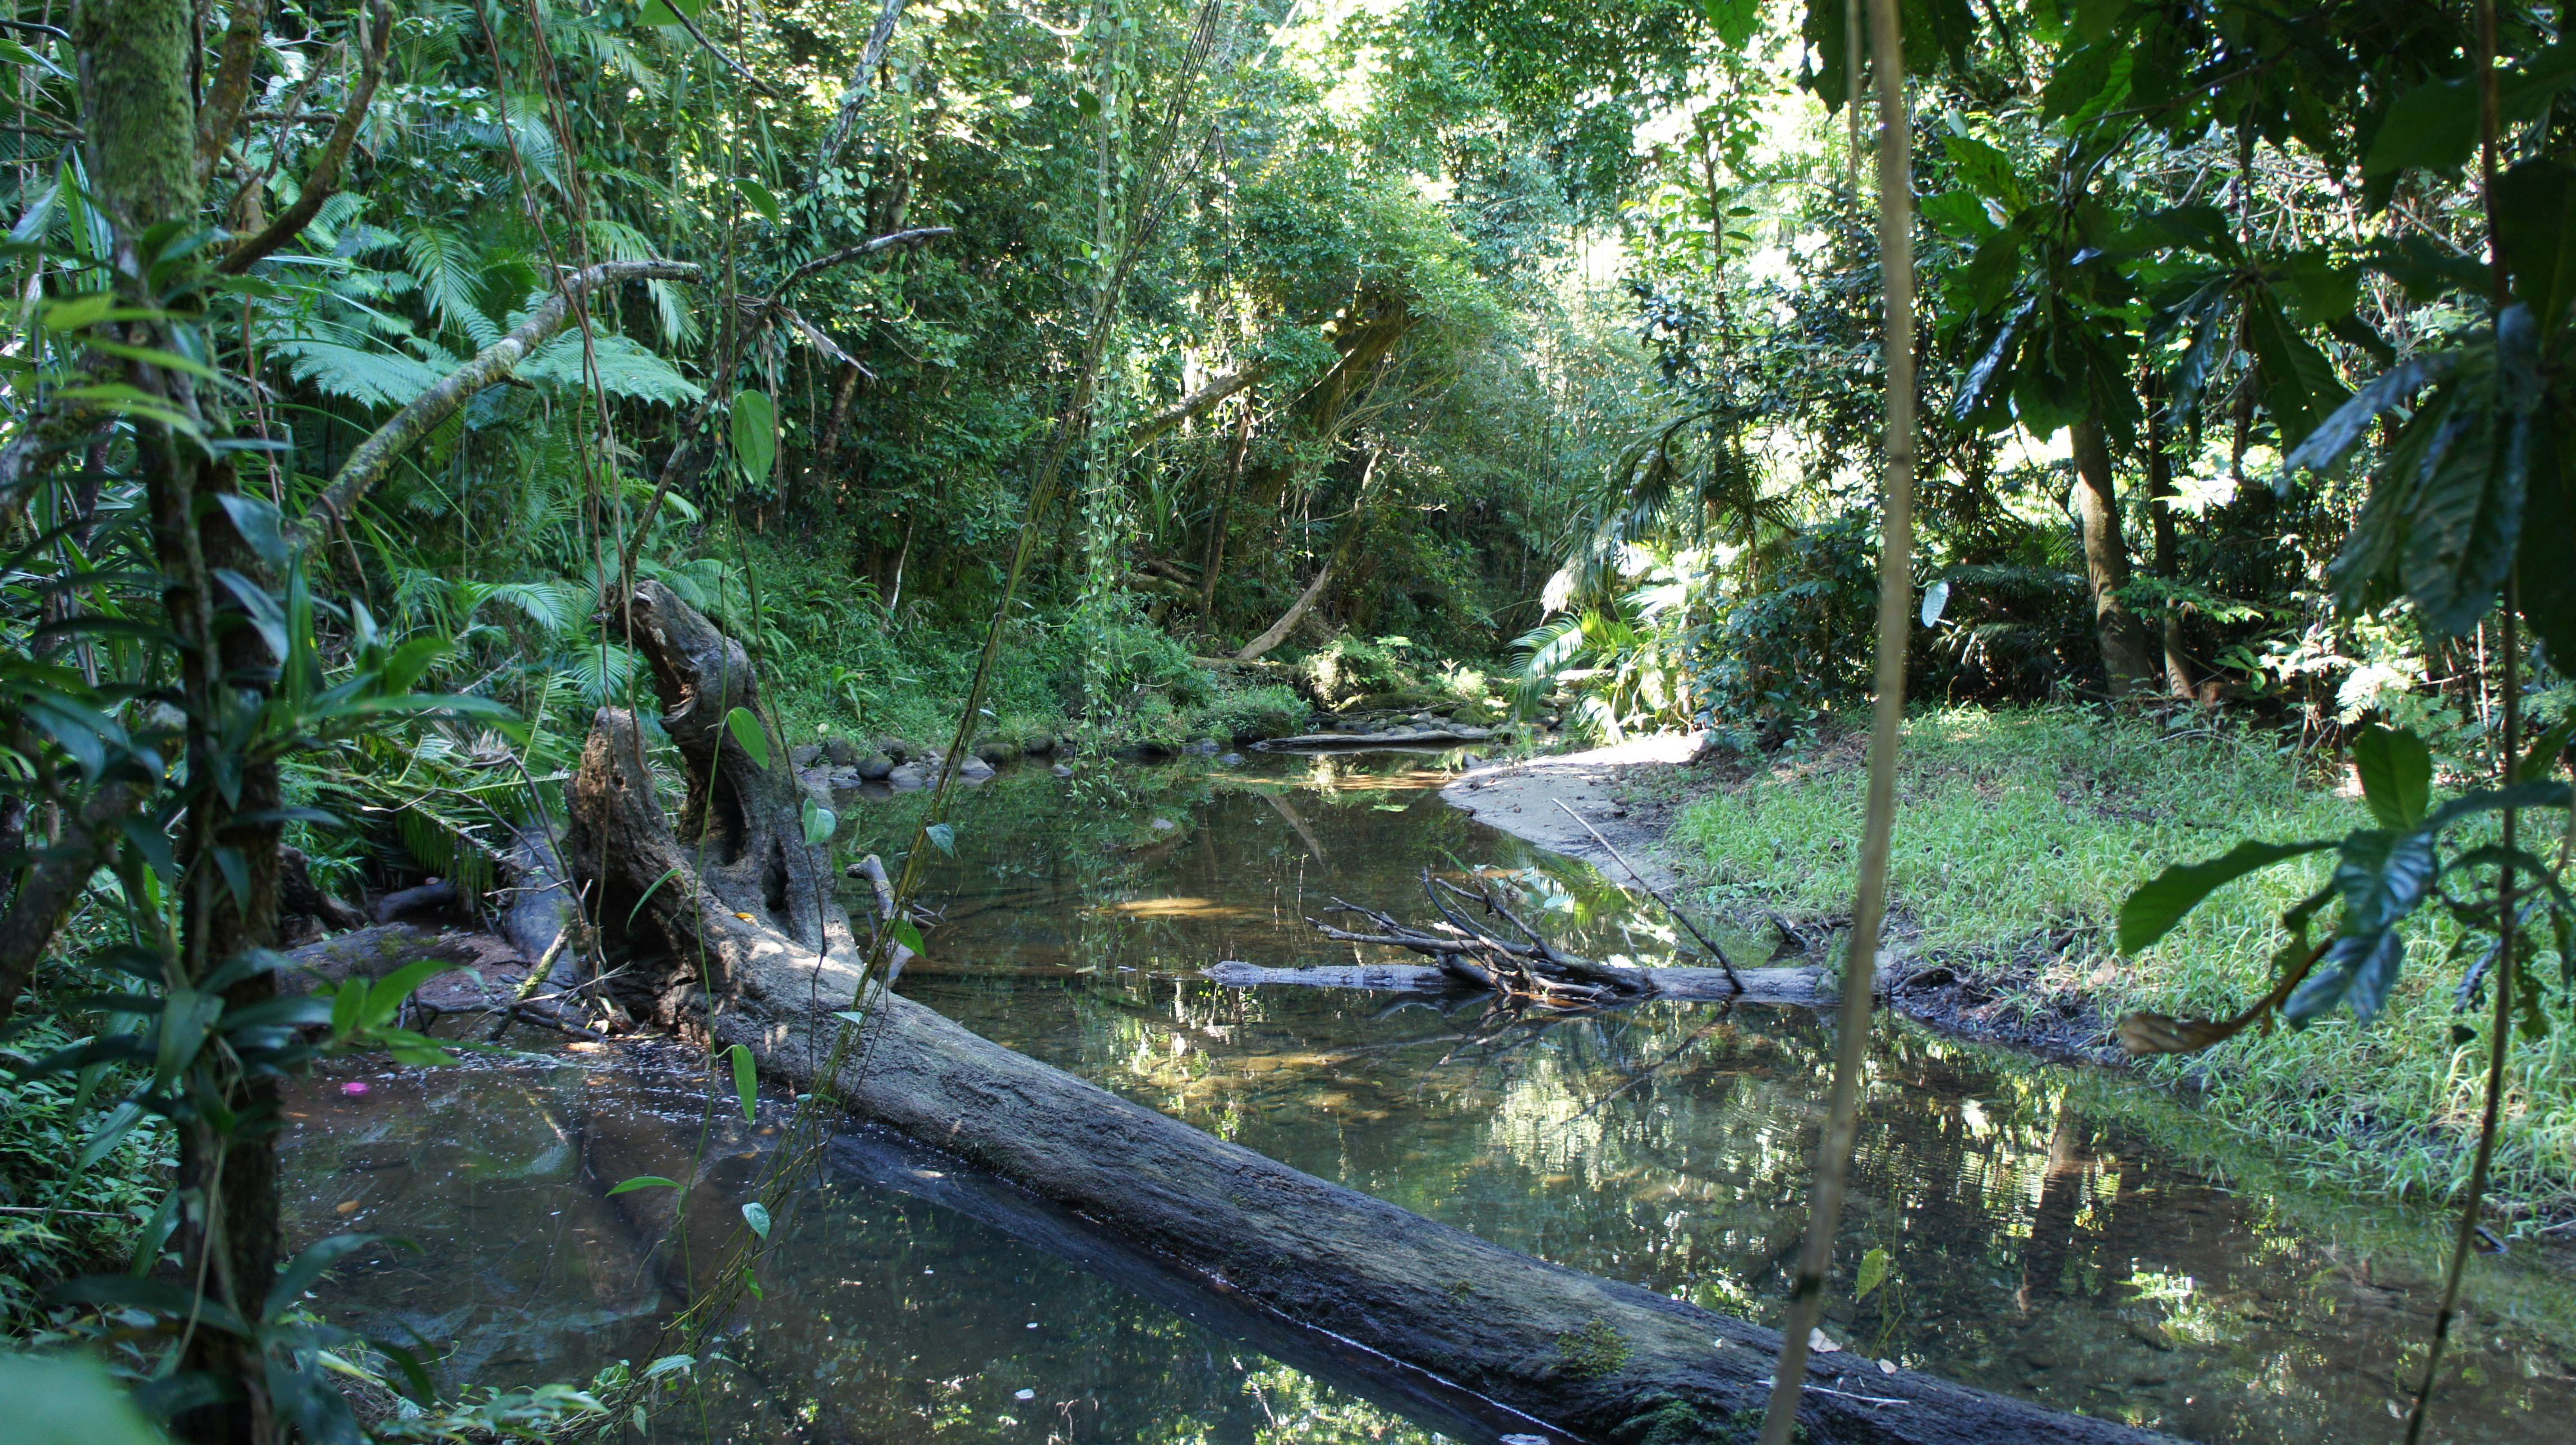 Photo 3: Daintree Rainforest: rencontre avec les Esprits de la forêt